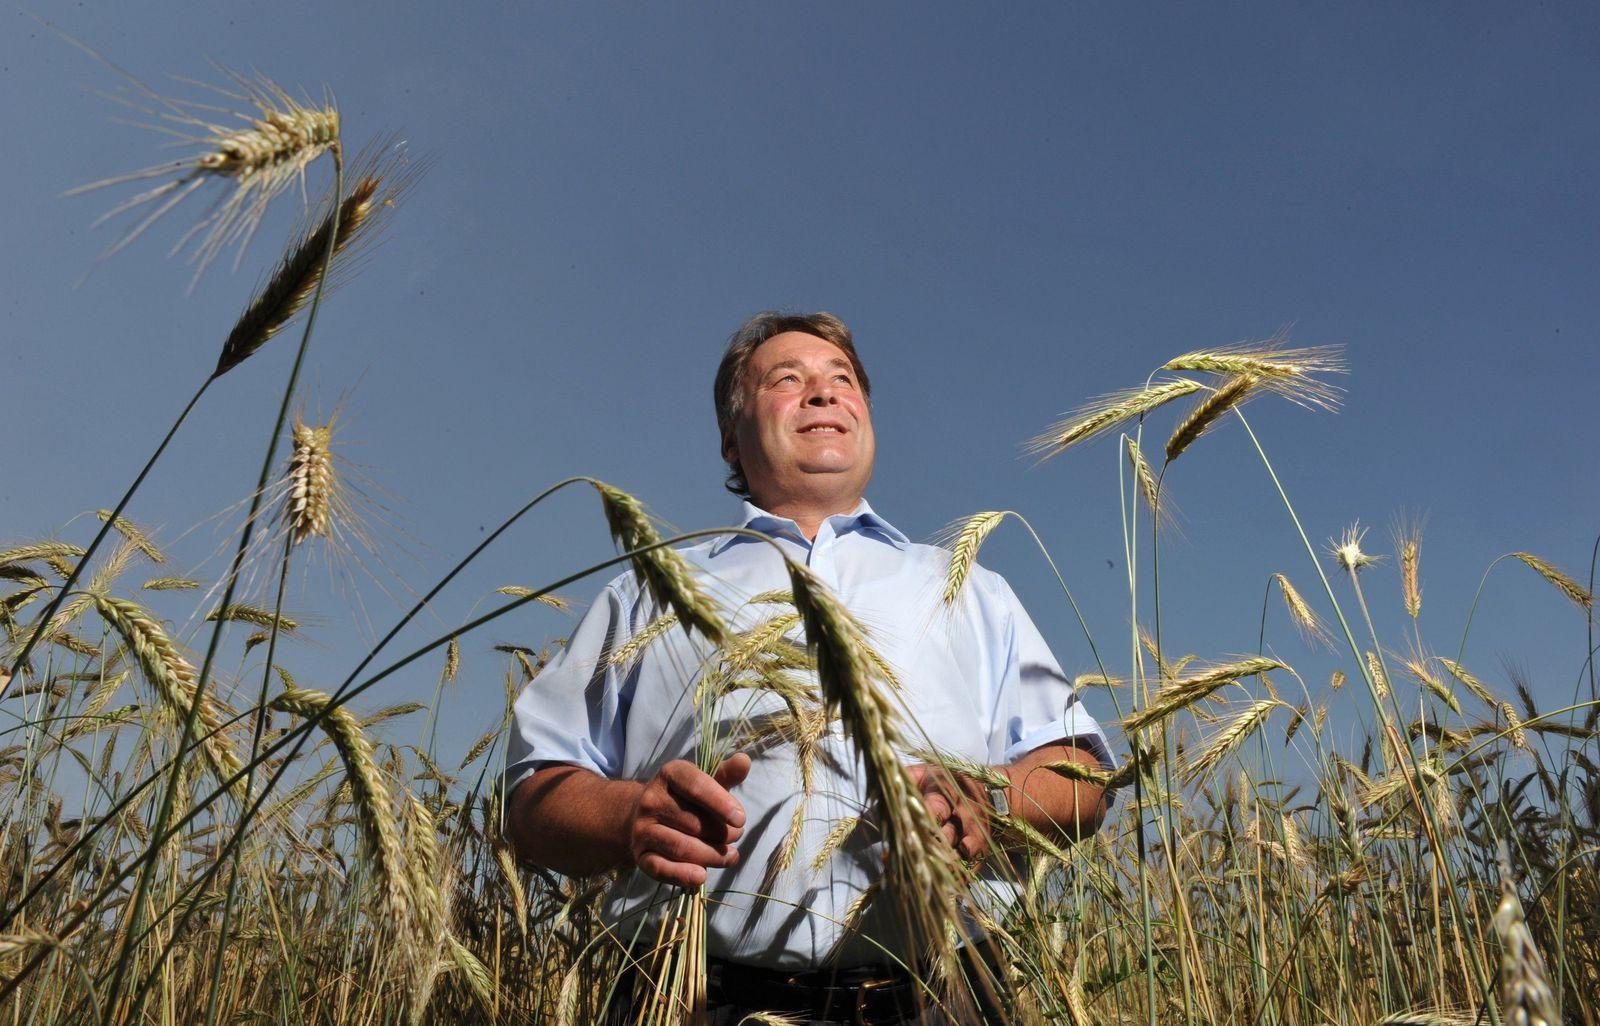 Bayerischer Landwirtschaftsminister Helmut Brunner